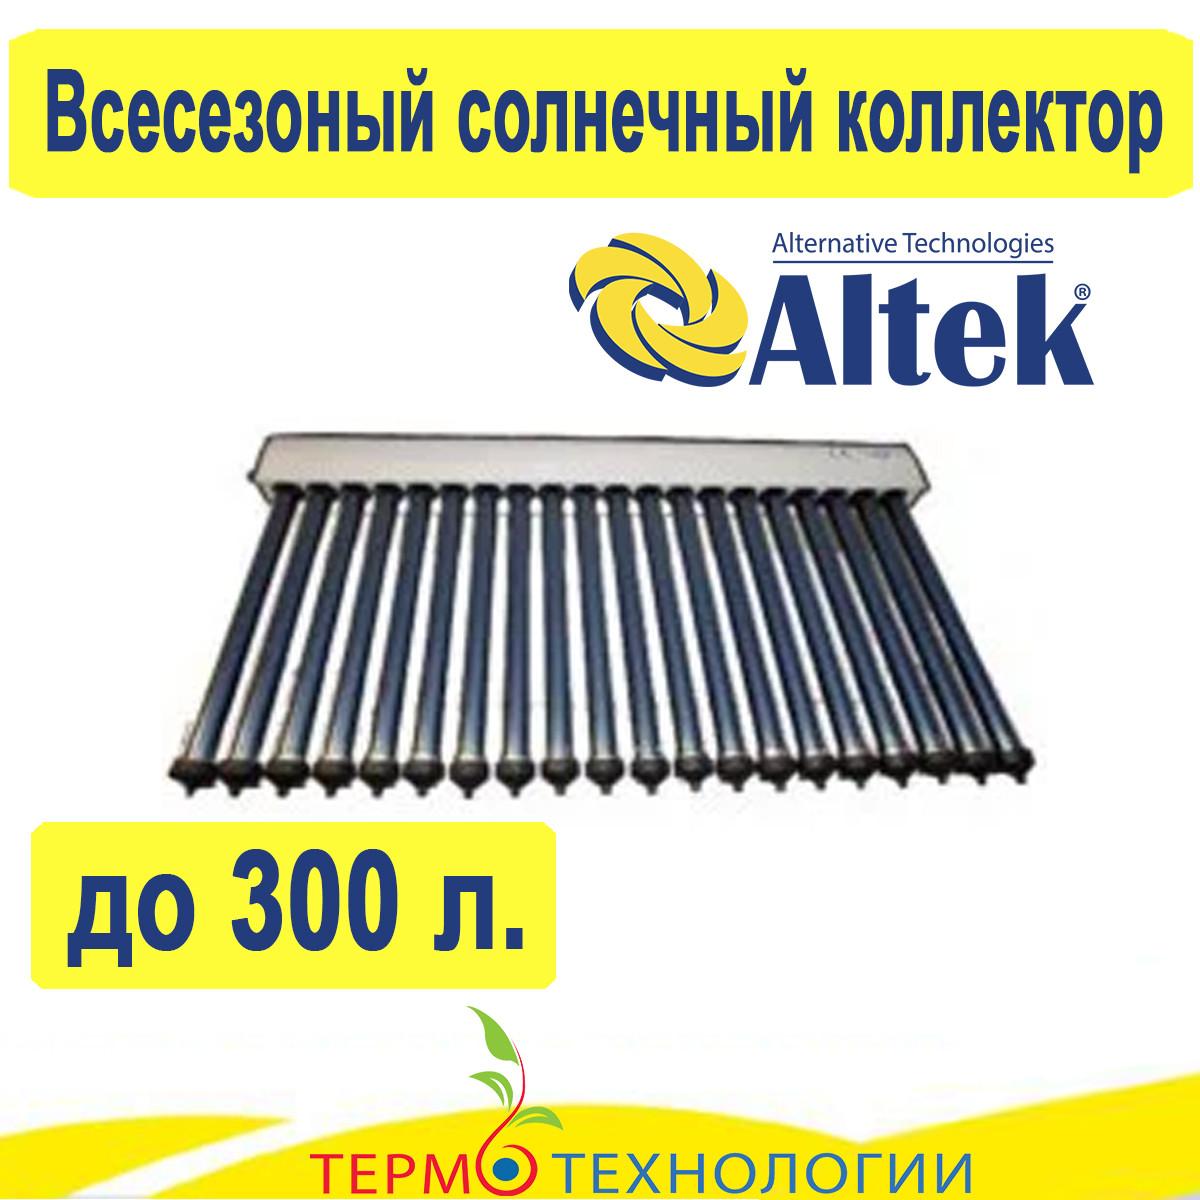 Всесезонный солнечный коллектор балконного типа, вакуумный, без задних опор Altek